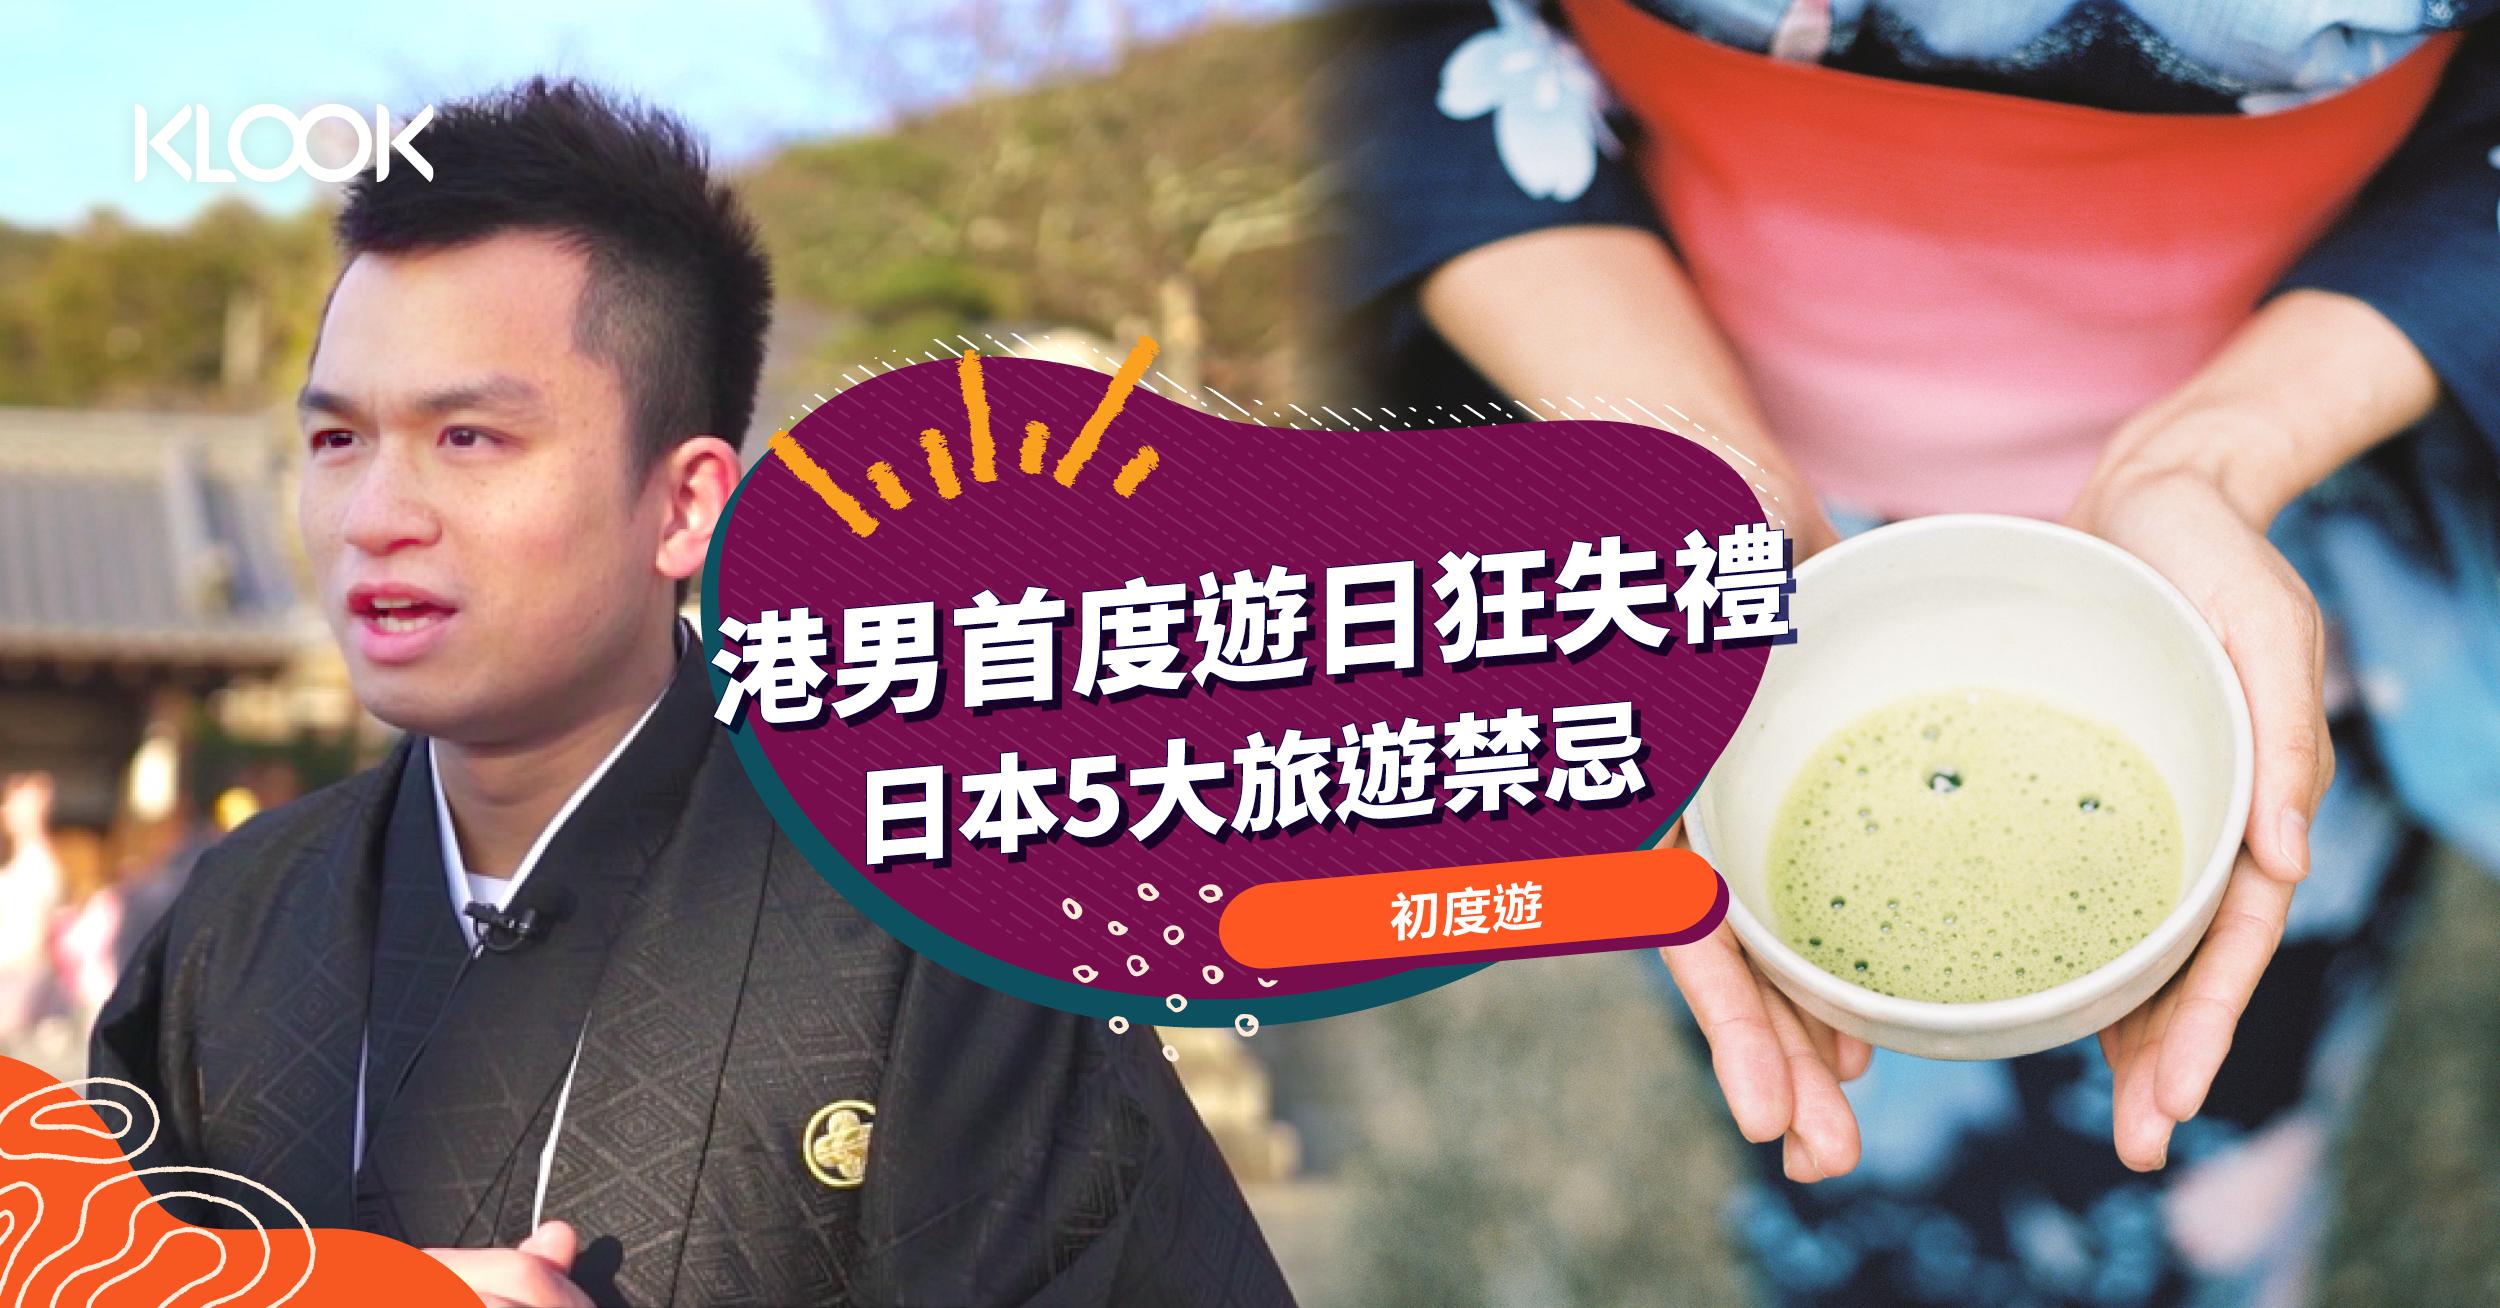 《初度遊》港男遊日狂失禮 盤點5大日本旅遊禁忌